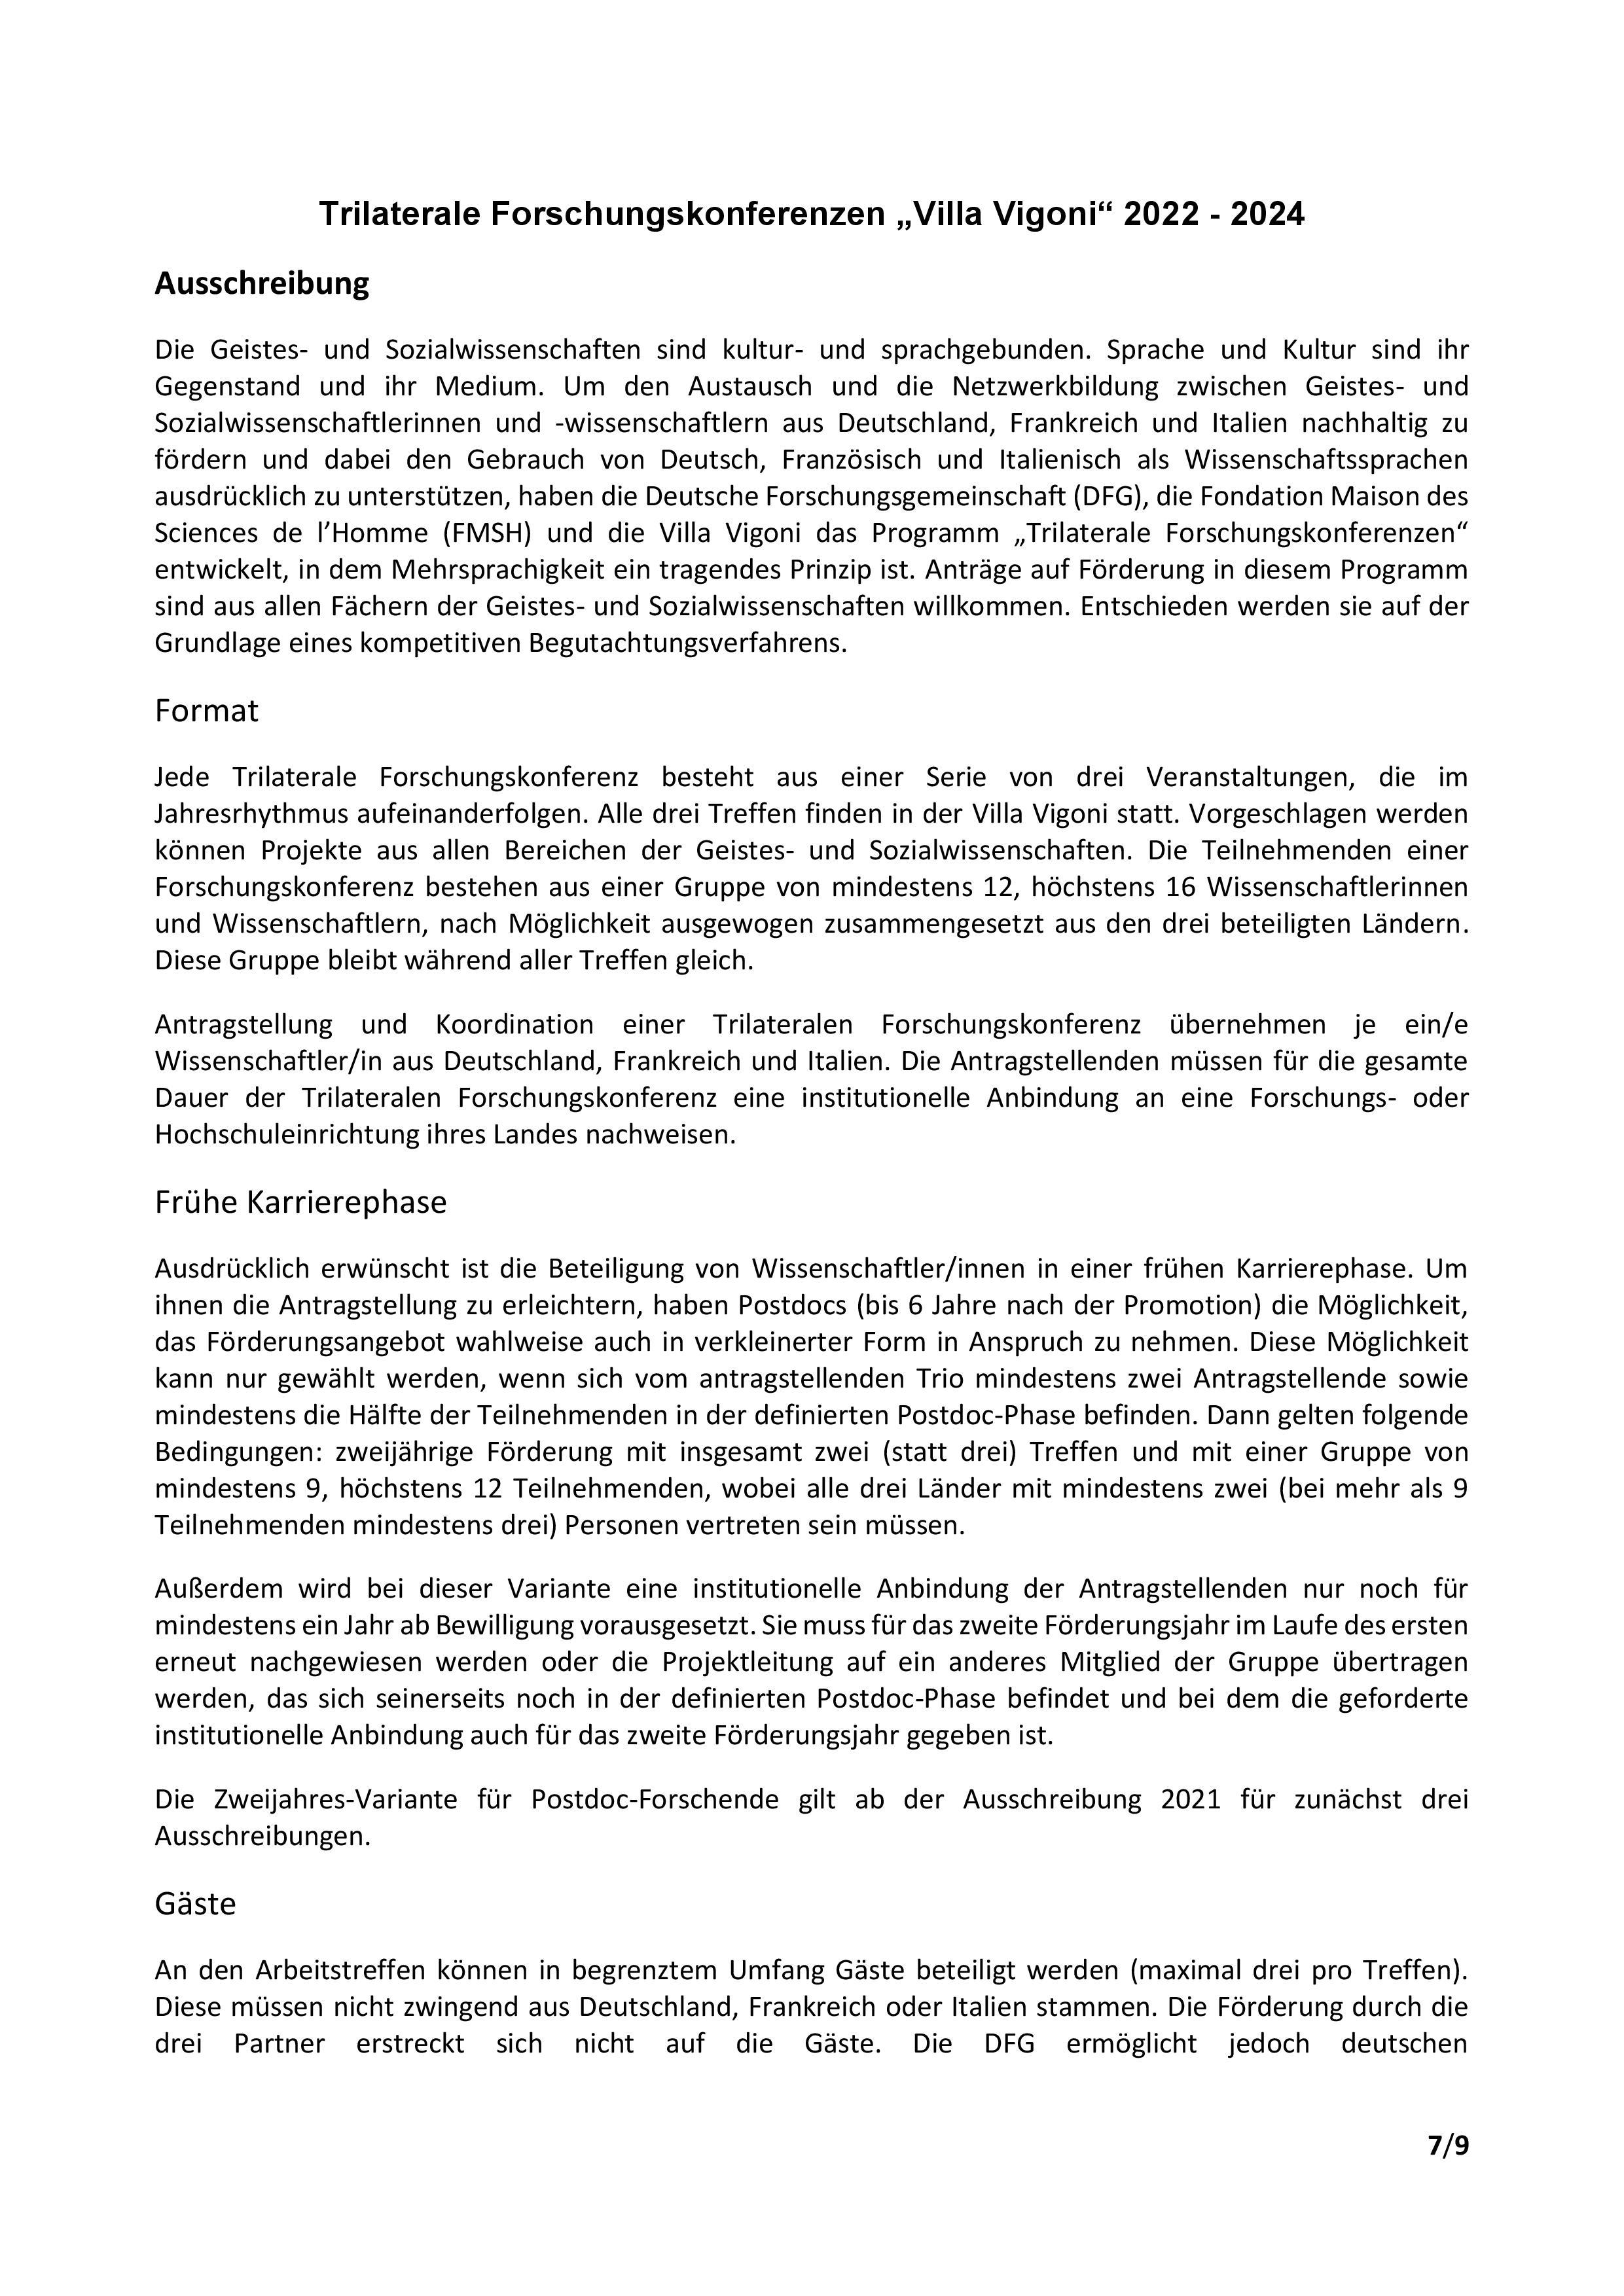 Conferenze-di-ricerca-trilaterali_2022-2024_BANDO-1-page-007